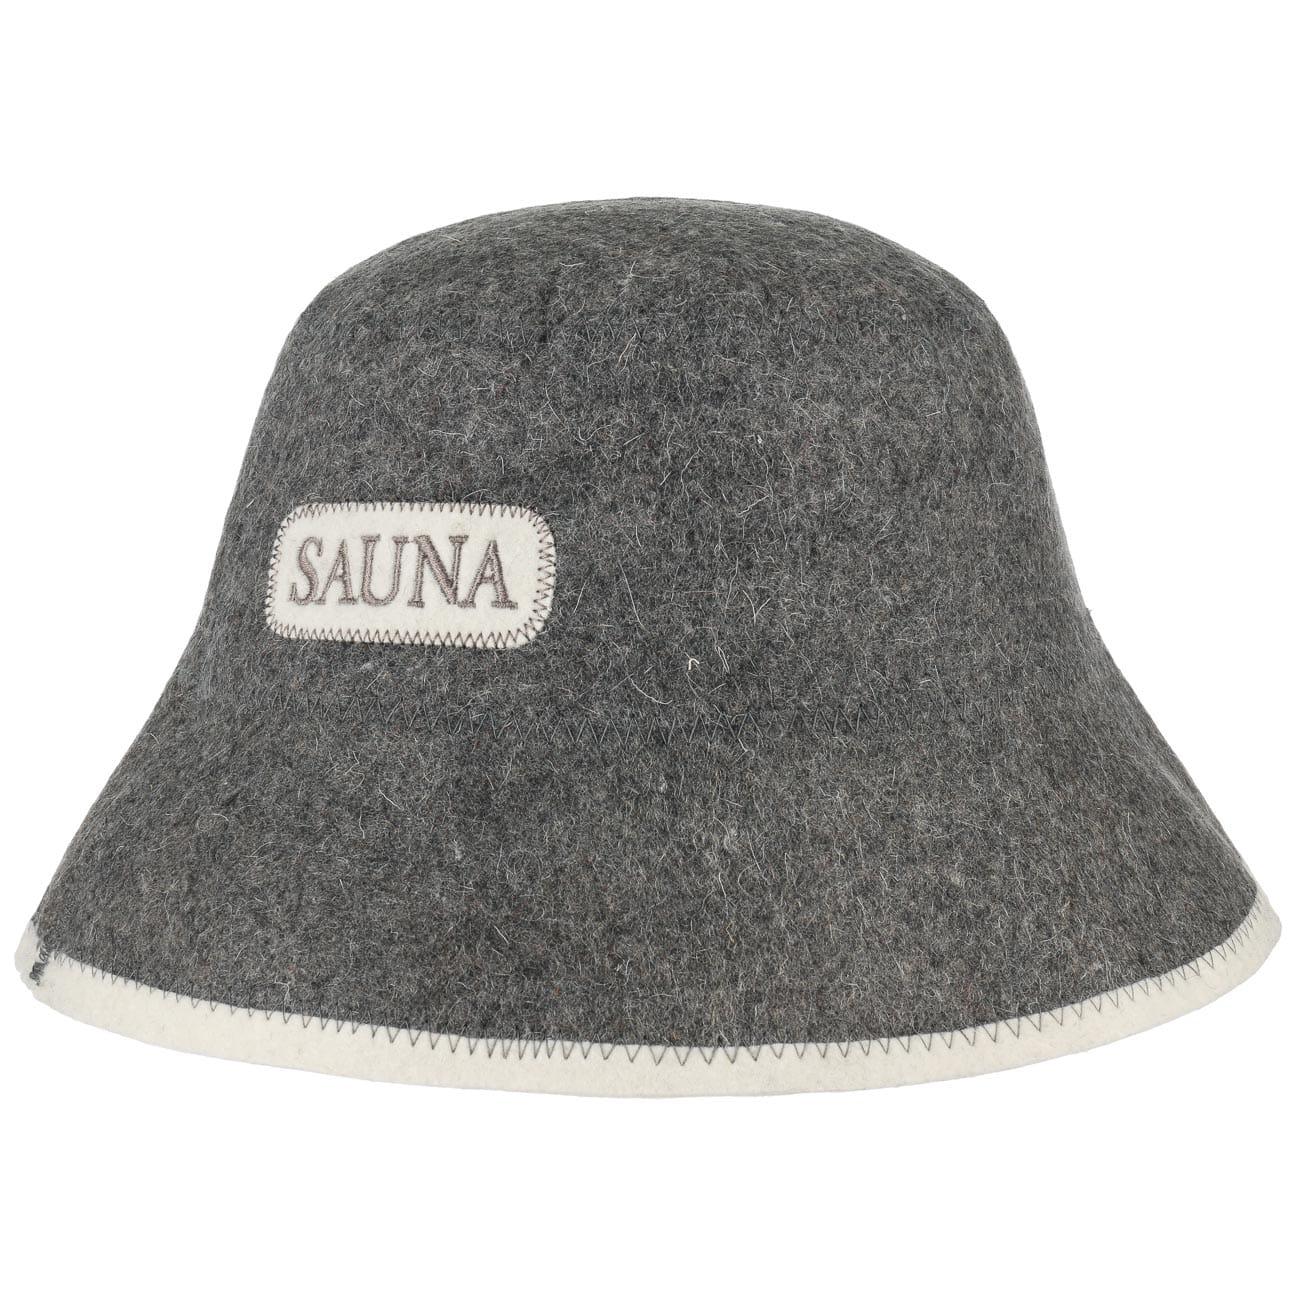 Sauna Felt Hat - light grey 1 d466c53d44